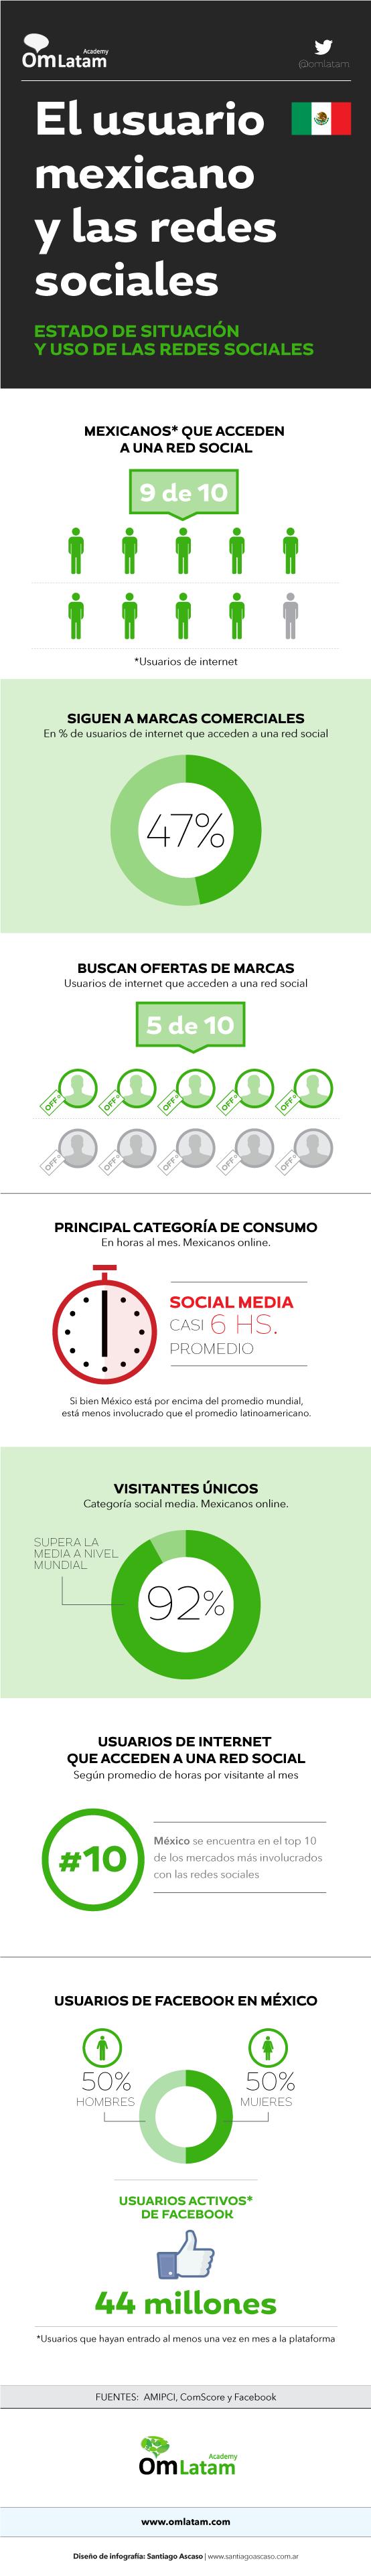 ¿Qué hace el usuario mexicano en las redes sociales?